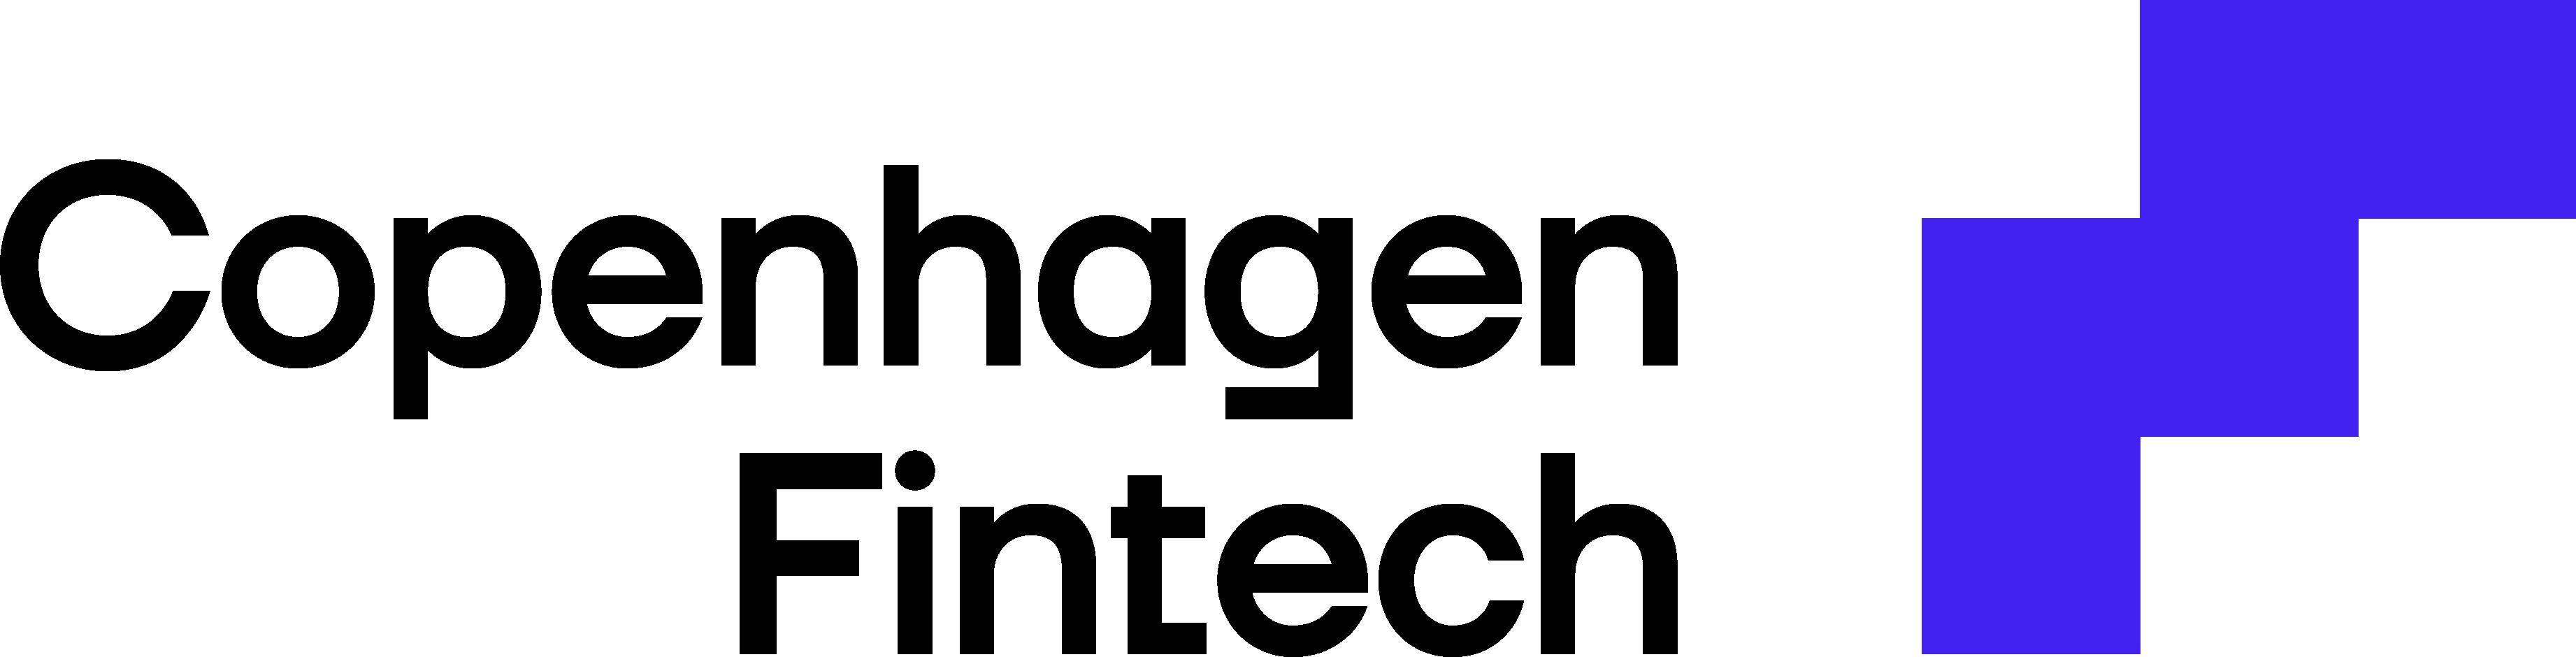 Copenhagen_Fintech_Logo_RGB